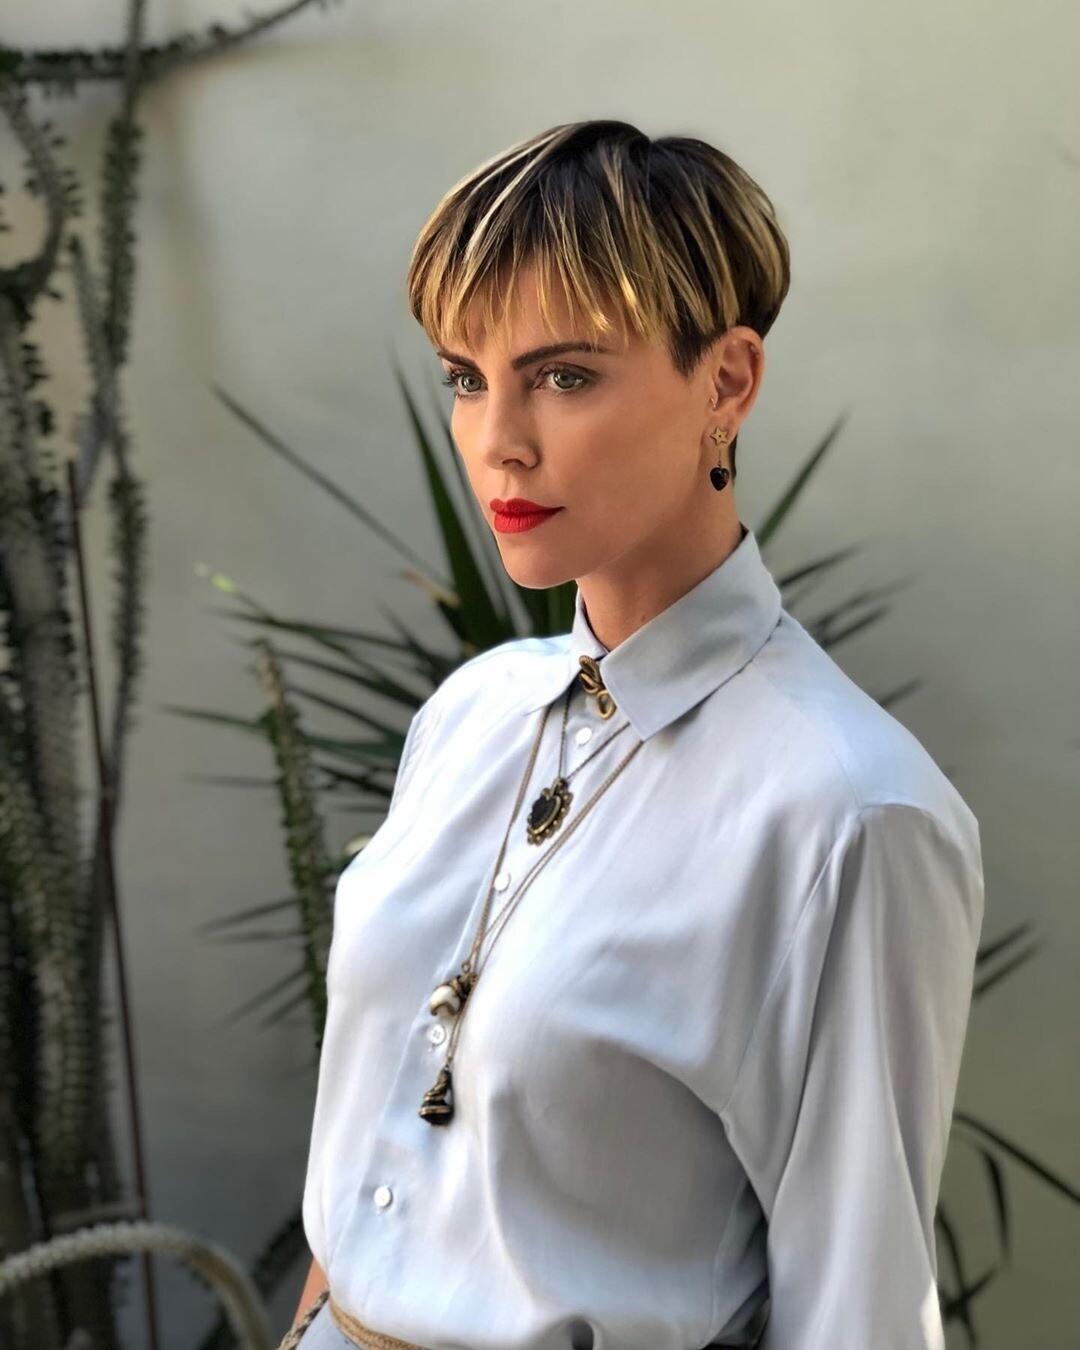 Шарлиз Терон прокомментировала слухи о романе с Брэдом Питтом (видео)